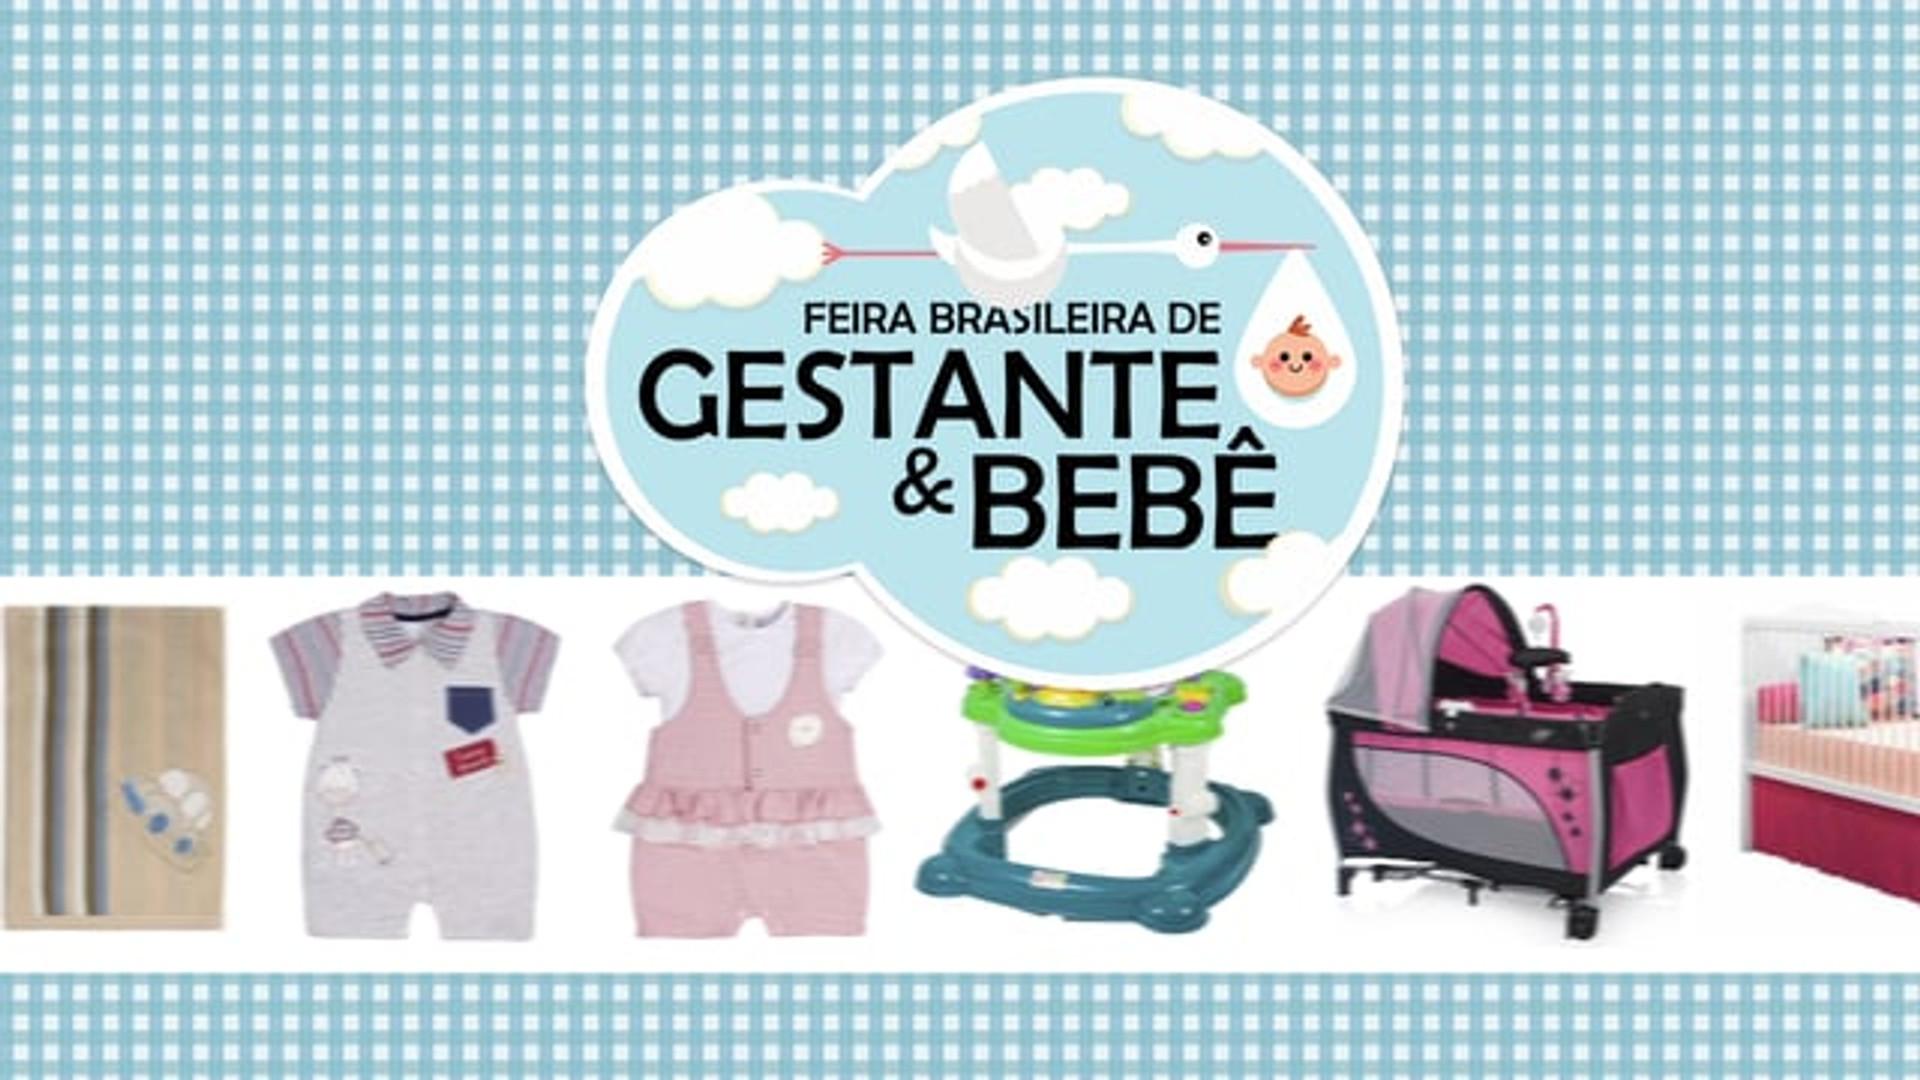 Animação de Cartela Feira Gestante Bebe